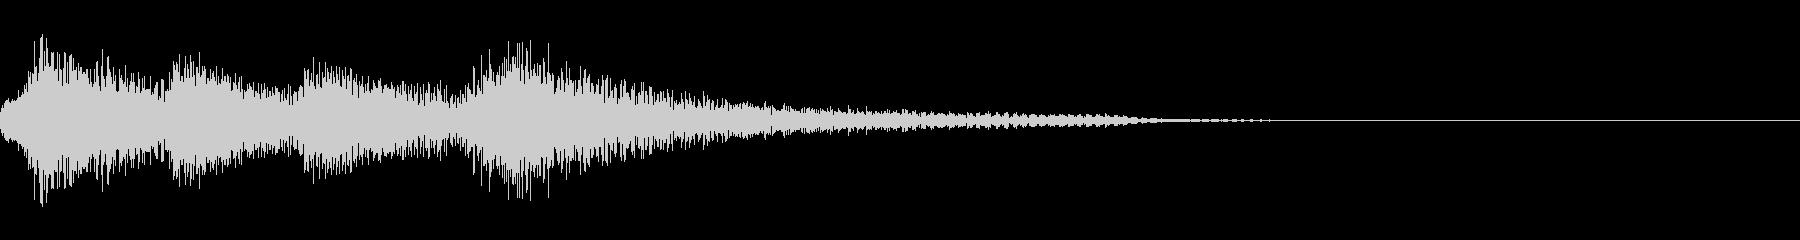 おしゃれなピアノのジングル12の未再生の波形